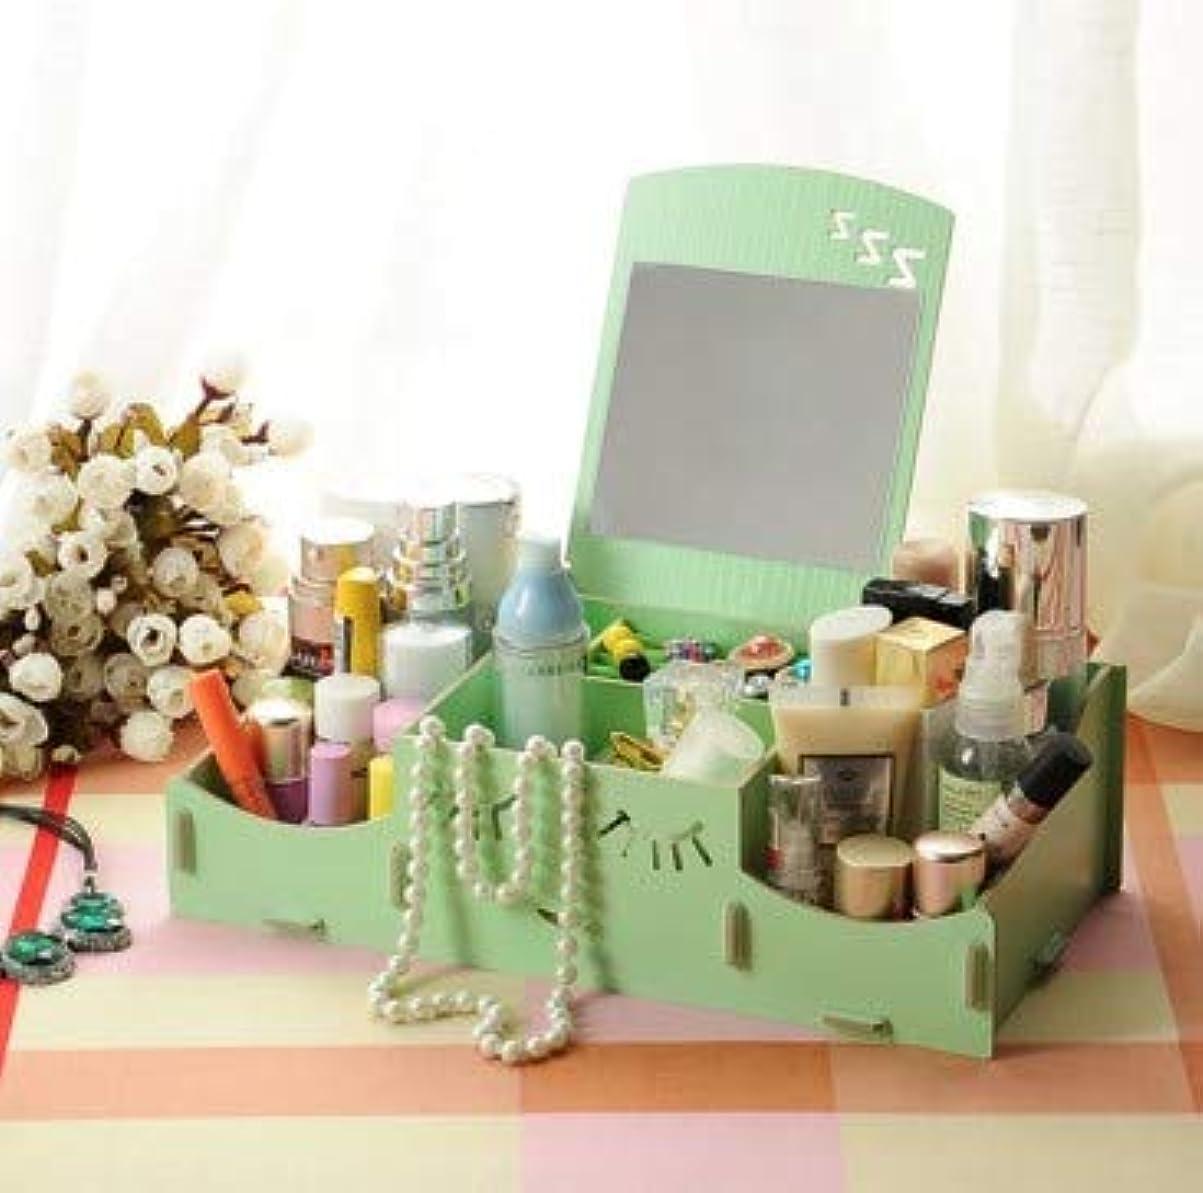 ナサニエル区厚い聖人スマイリー木製クリエイティブ収納ボックス手作りデスクトップミラー化粧品収納ボックス化粧品収納ボックス (Color : グリンー)